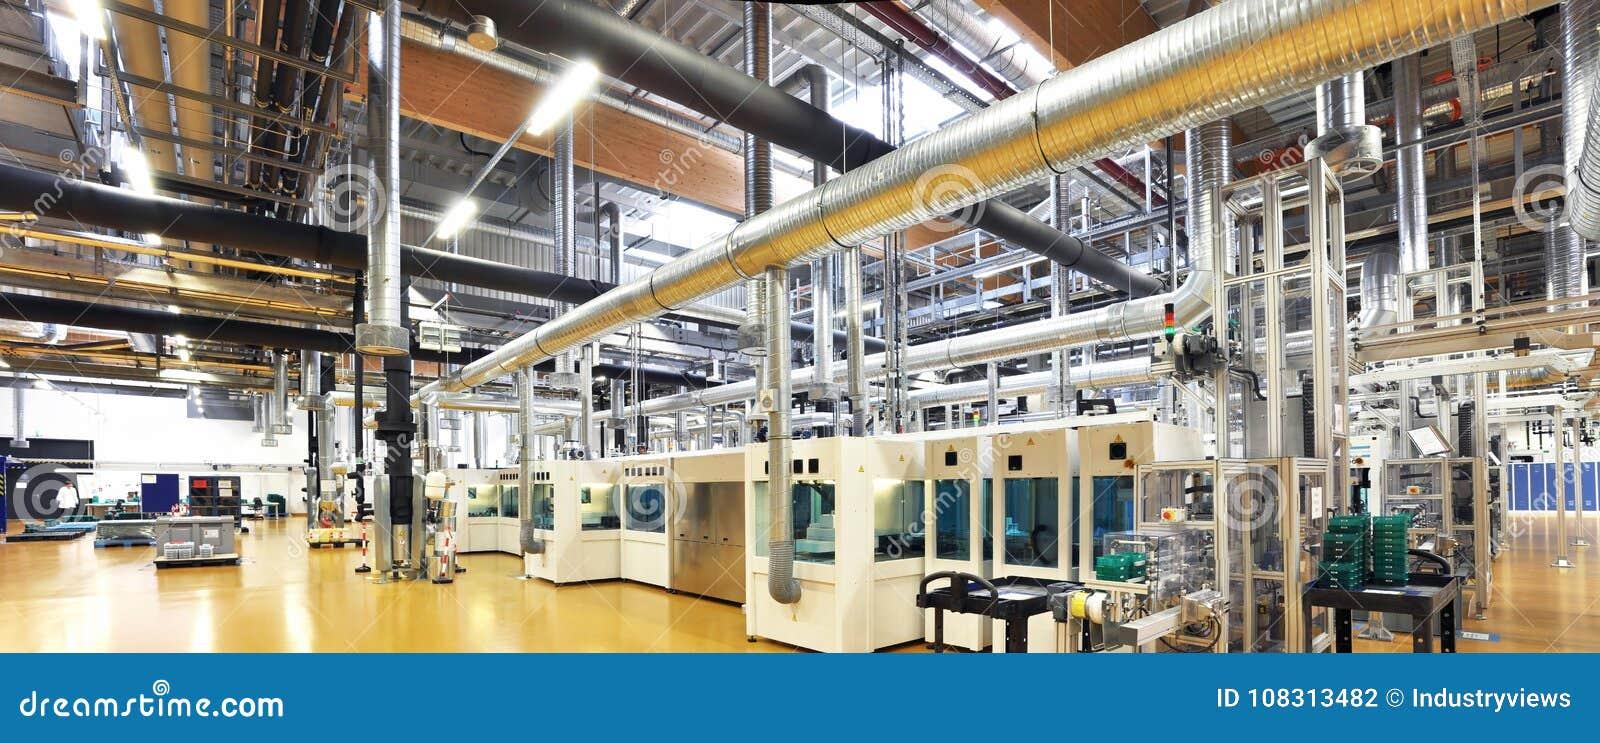 Tekniskt avancerad fabrik - produktion av sol- celler - maskineri och in